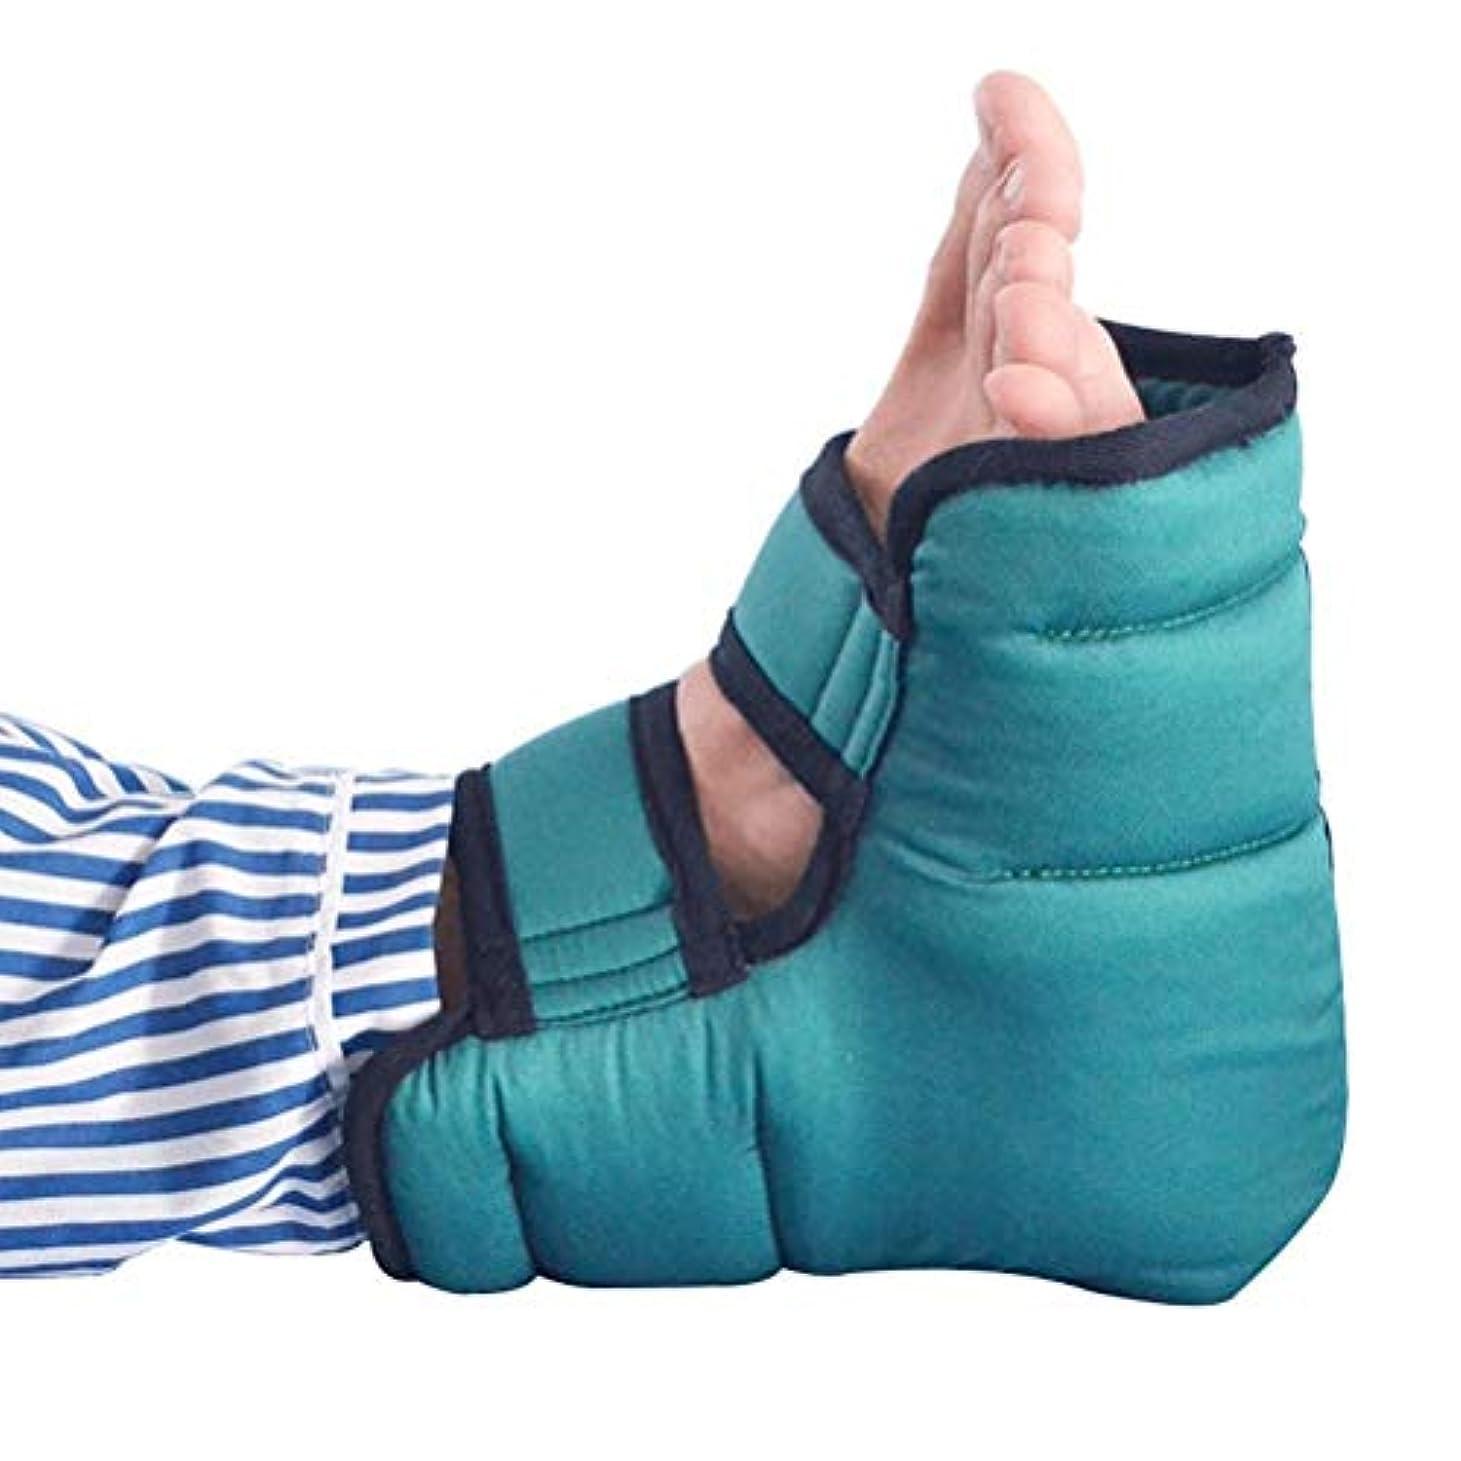 ワックス本当に砂漠Bed瘡防止綿通気性ヒールクッション、圧力緩和ヒールプロテクター、通気性ヒールプロテクター枕、青、1ペア、24×23 cm